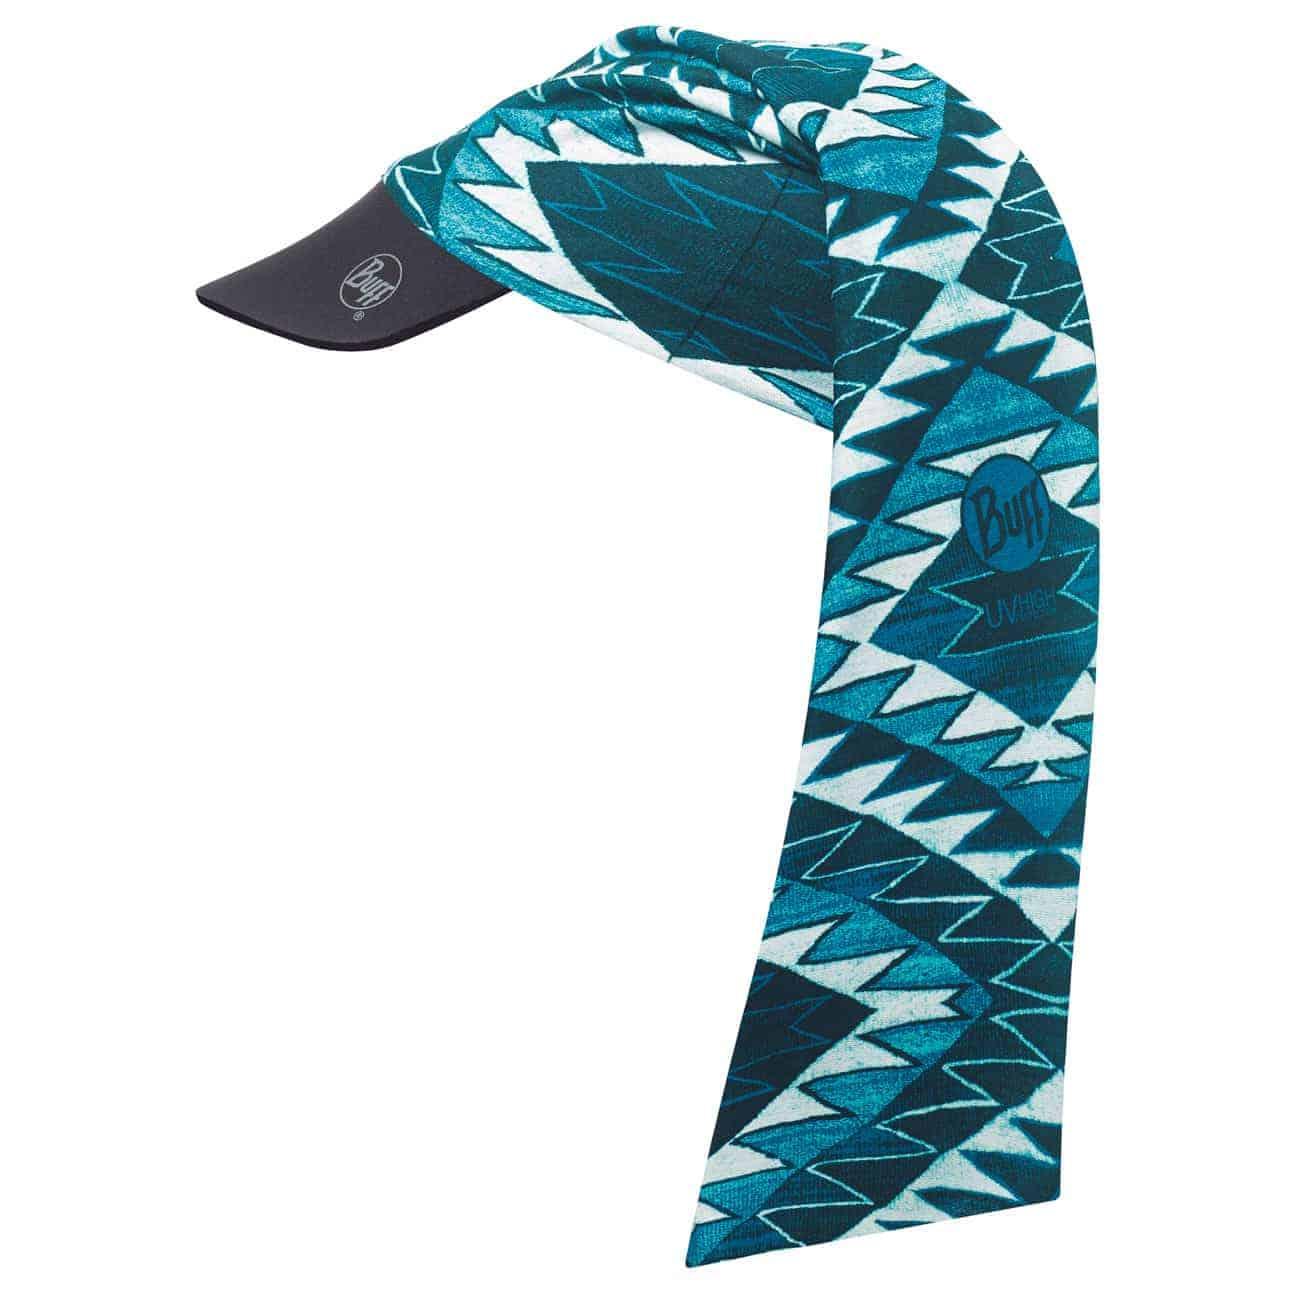 Artikel klicken und genauer betrachten! - Am Strand immer die allererste Wahl ist die Sonnencap von Buff mit coolem Aztekenmuster. Der Sportvisor mit bequemem Neopren-Softschirm ist aus dehnbarer, nahtloser und pflegeleichter Mikrofaser hergestellt und kann wahlweise als Cap oder Headband mit Schirm getragen werden. Coolmax®-Qualität und UV-Filter schützen bei allen Outdoor-Aktivitäten vor Wettereinflüssen wie Sonne und Regen. Dabei bleibt die leichte Sommerkappe atmungsaktiv und feuchtigkeitsregulierend und überzeugt mit einer antibakteriellen Frischewirkung. Das einzigartige Original von BUFF®!   im Online Shop kaufen